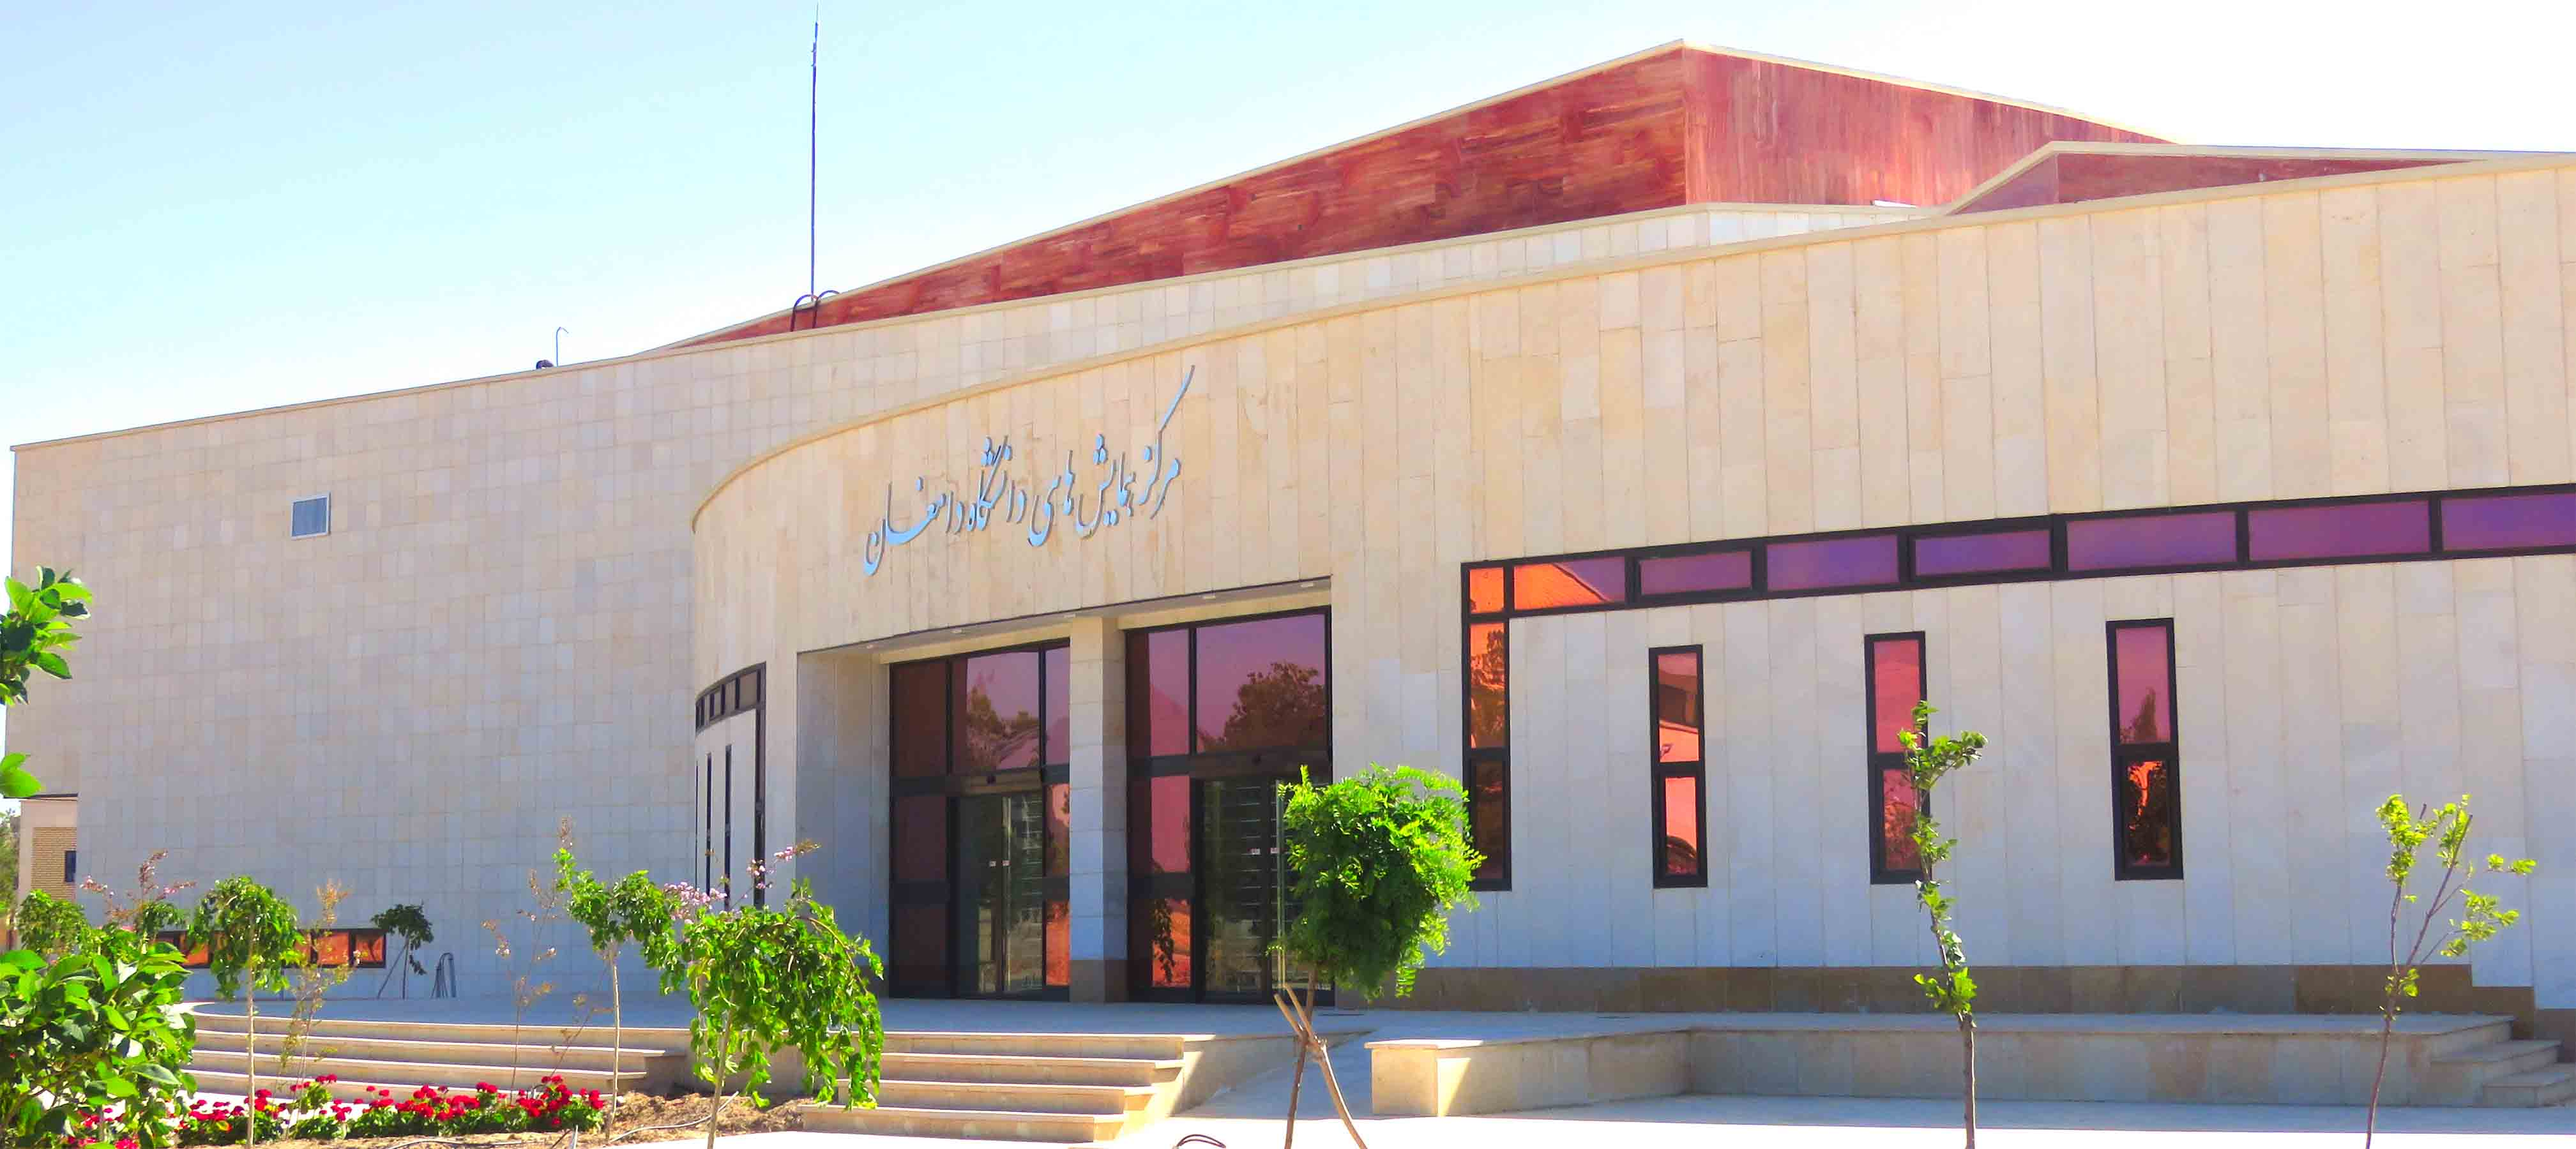 مرکز همایش های دانشگاه دامغان